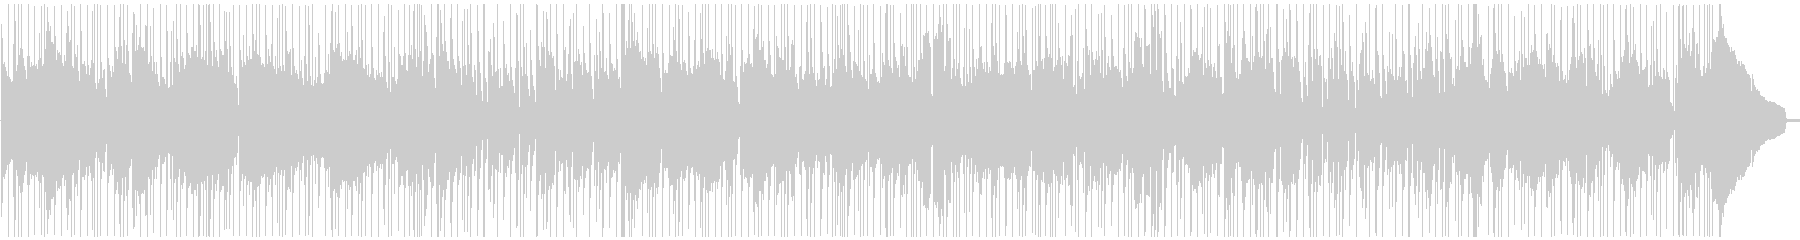 トランペット、スムースジャズバラードの未再生の波形